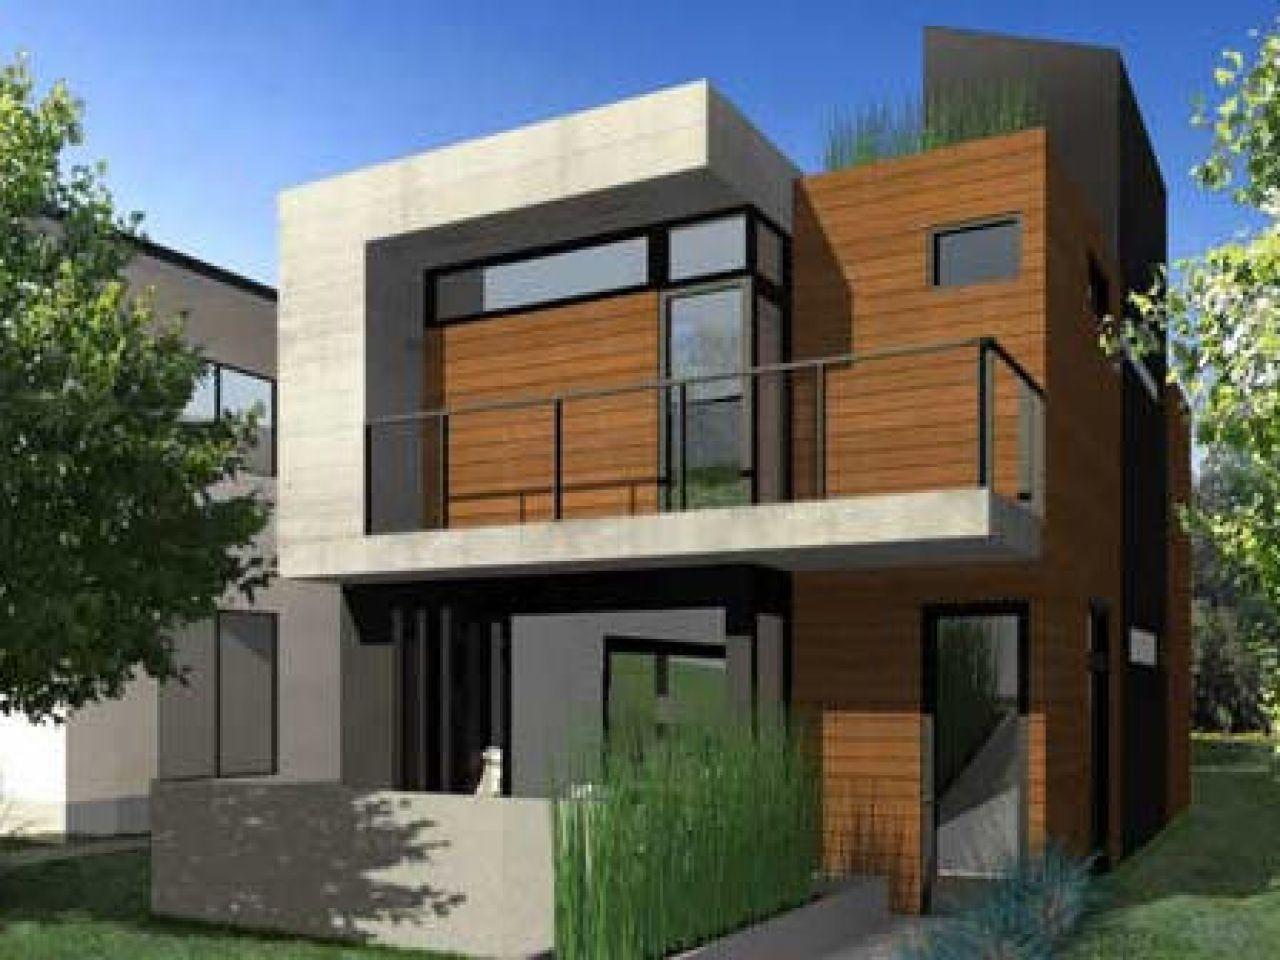 Einfache Moderne Haus Pläne - Loungemöbel | Loungemöbel | Pinterest ...